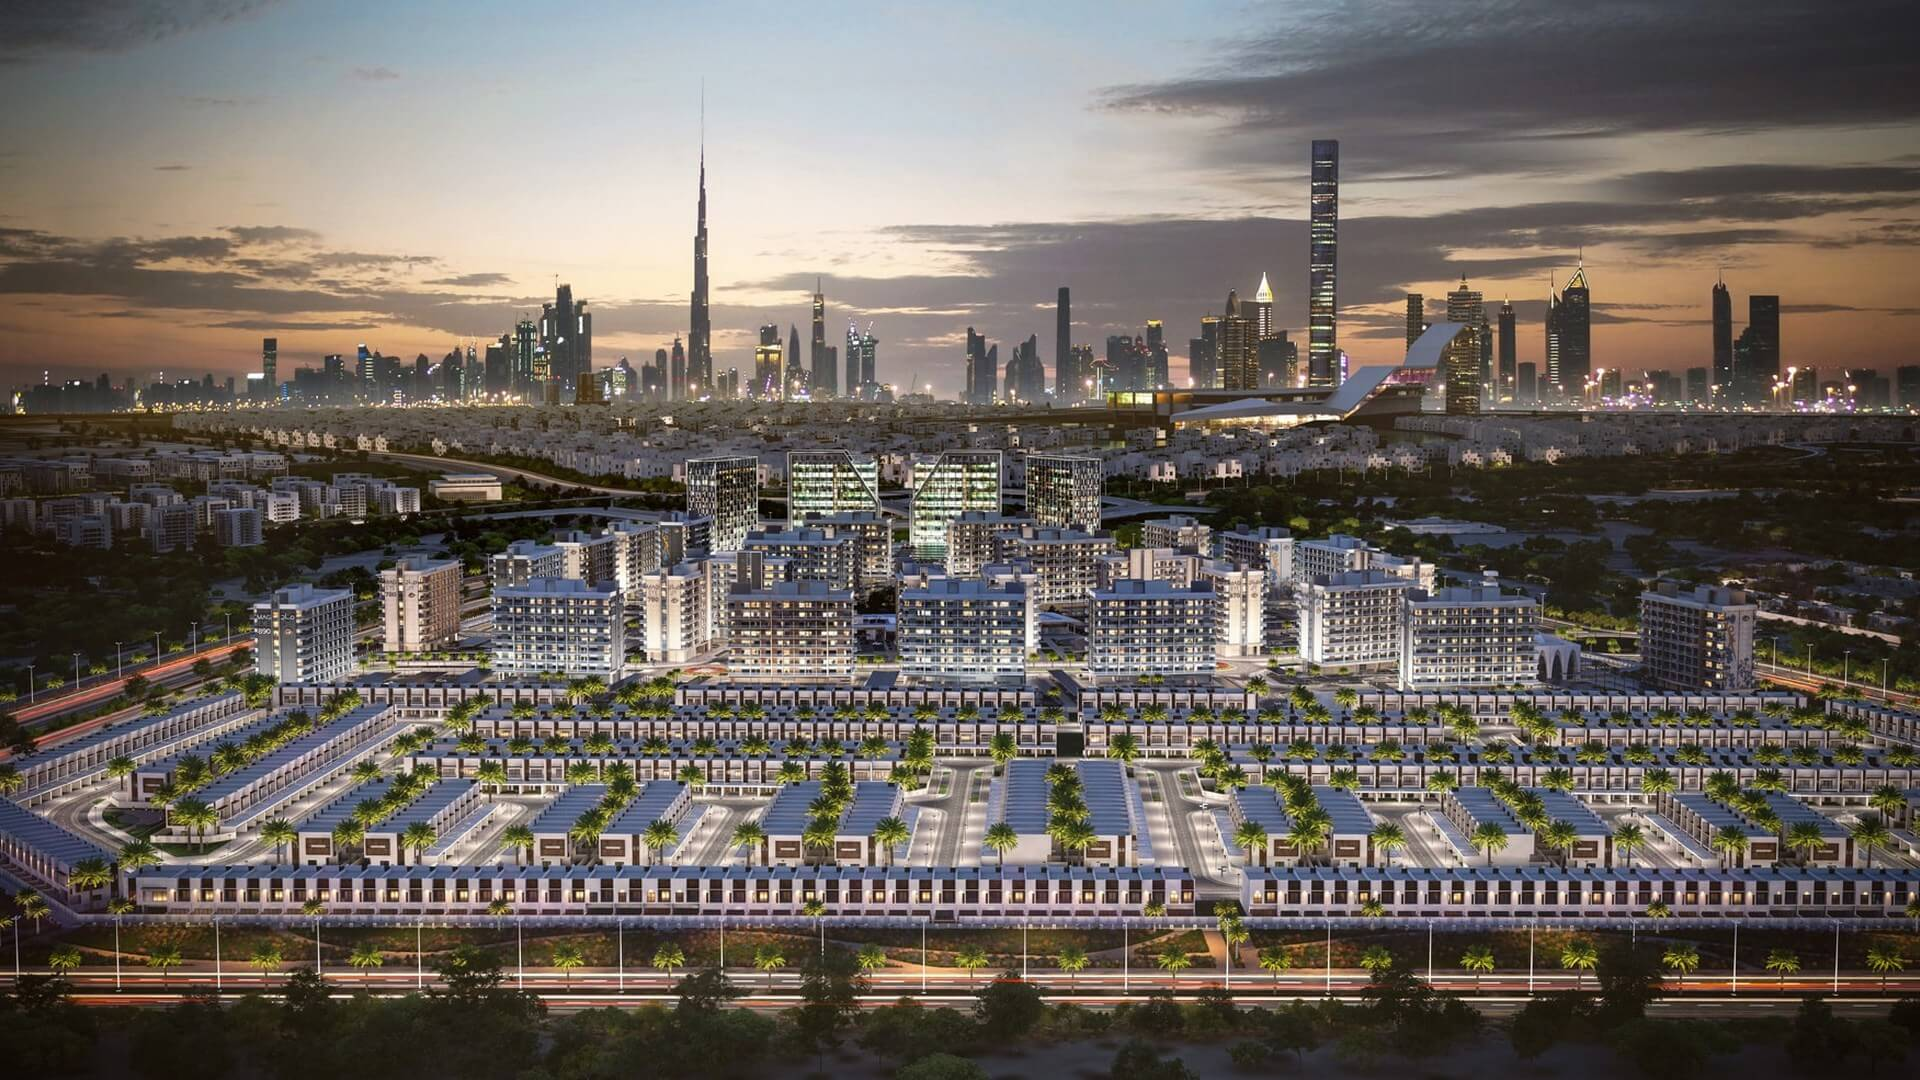 MAG CITY, Mohammed Bin Rashid City, Dubai, UAE – photo 2